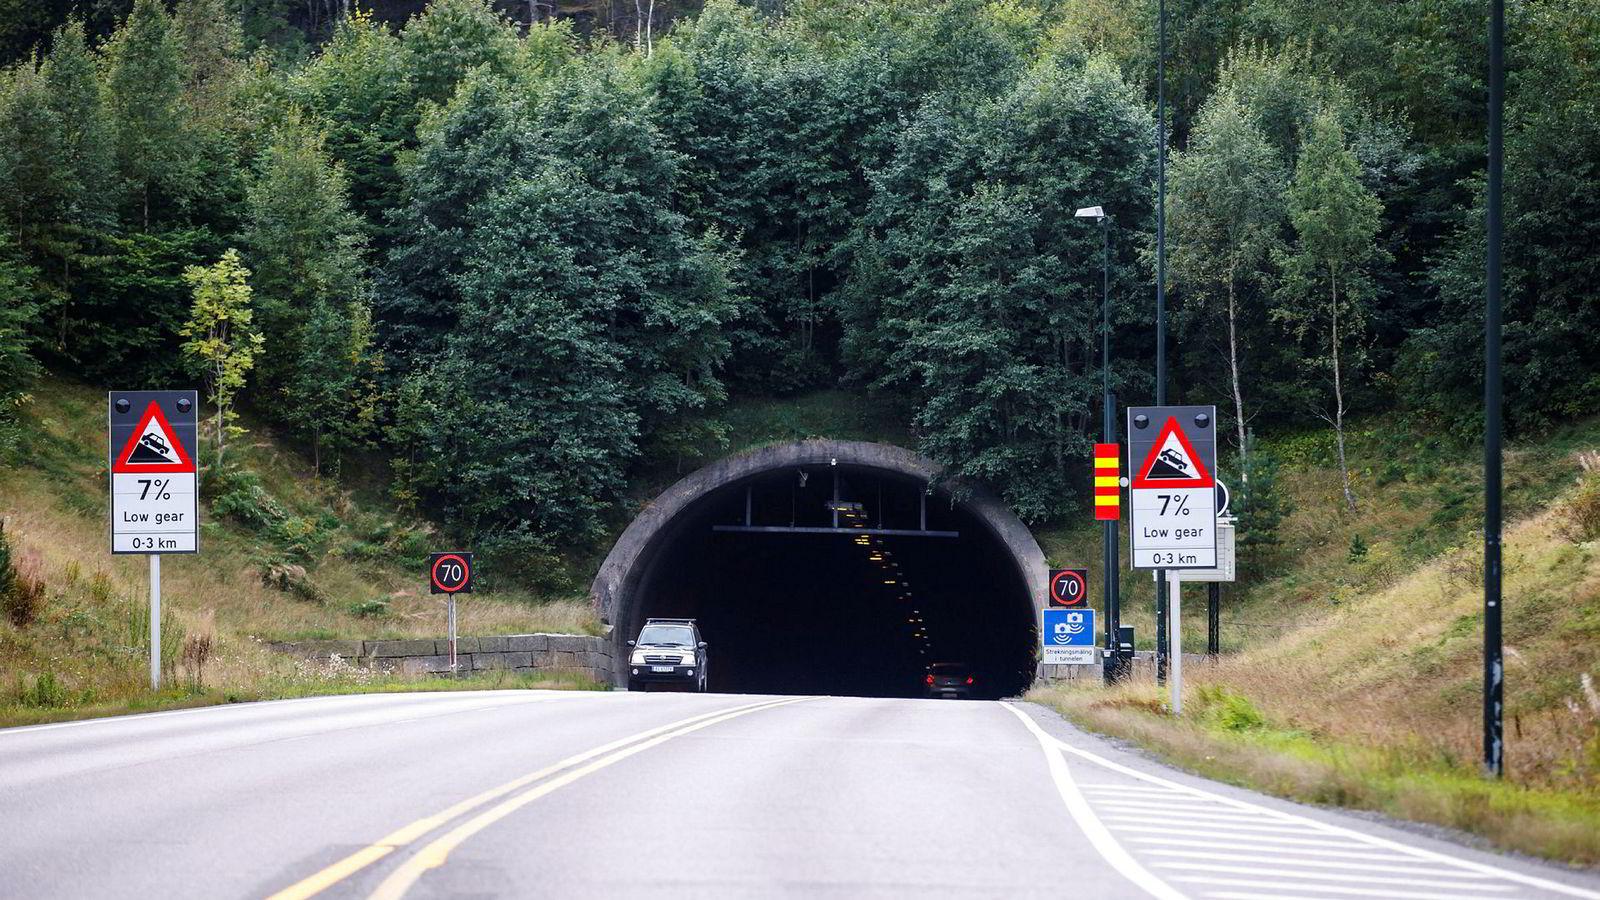 Mediene har med god grunn spurt om tunnelen vil tåle et jordskjelv tilsvarende skjelvet i 1904. Norsar har svart at Oslofjord-tunnelen ligger i et av de mest utsatte områdene nord for Alpene. At tunnelen vil bli skadet ved et stort skjelv, er sannsynlig, skriver innleggsforfatterne.